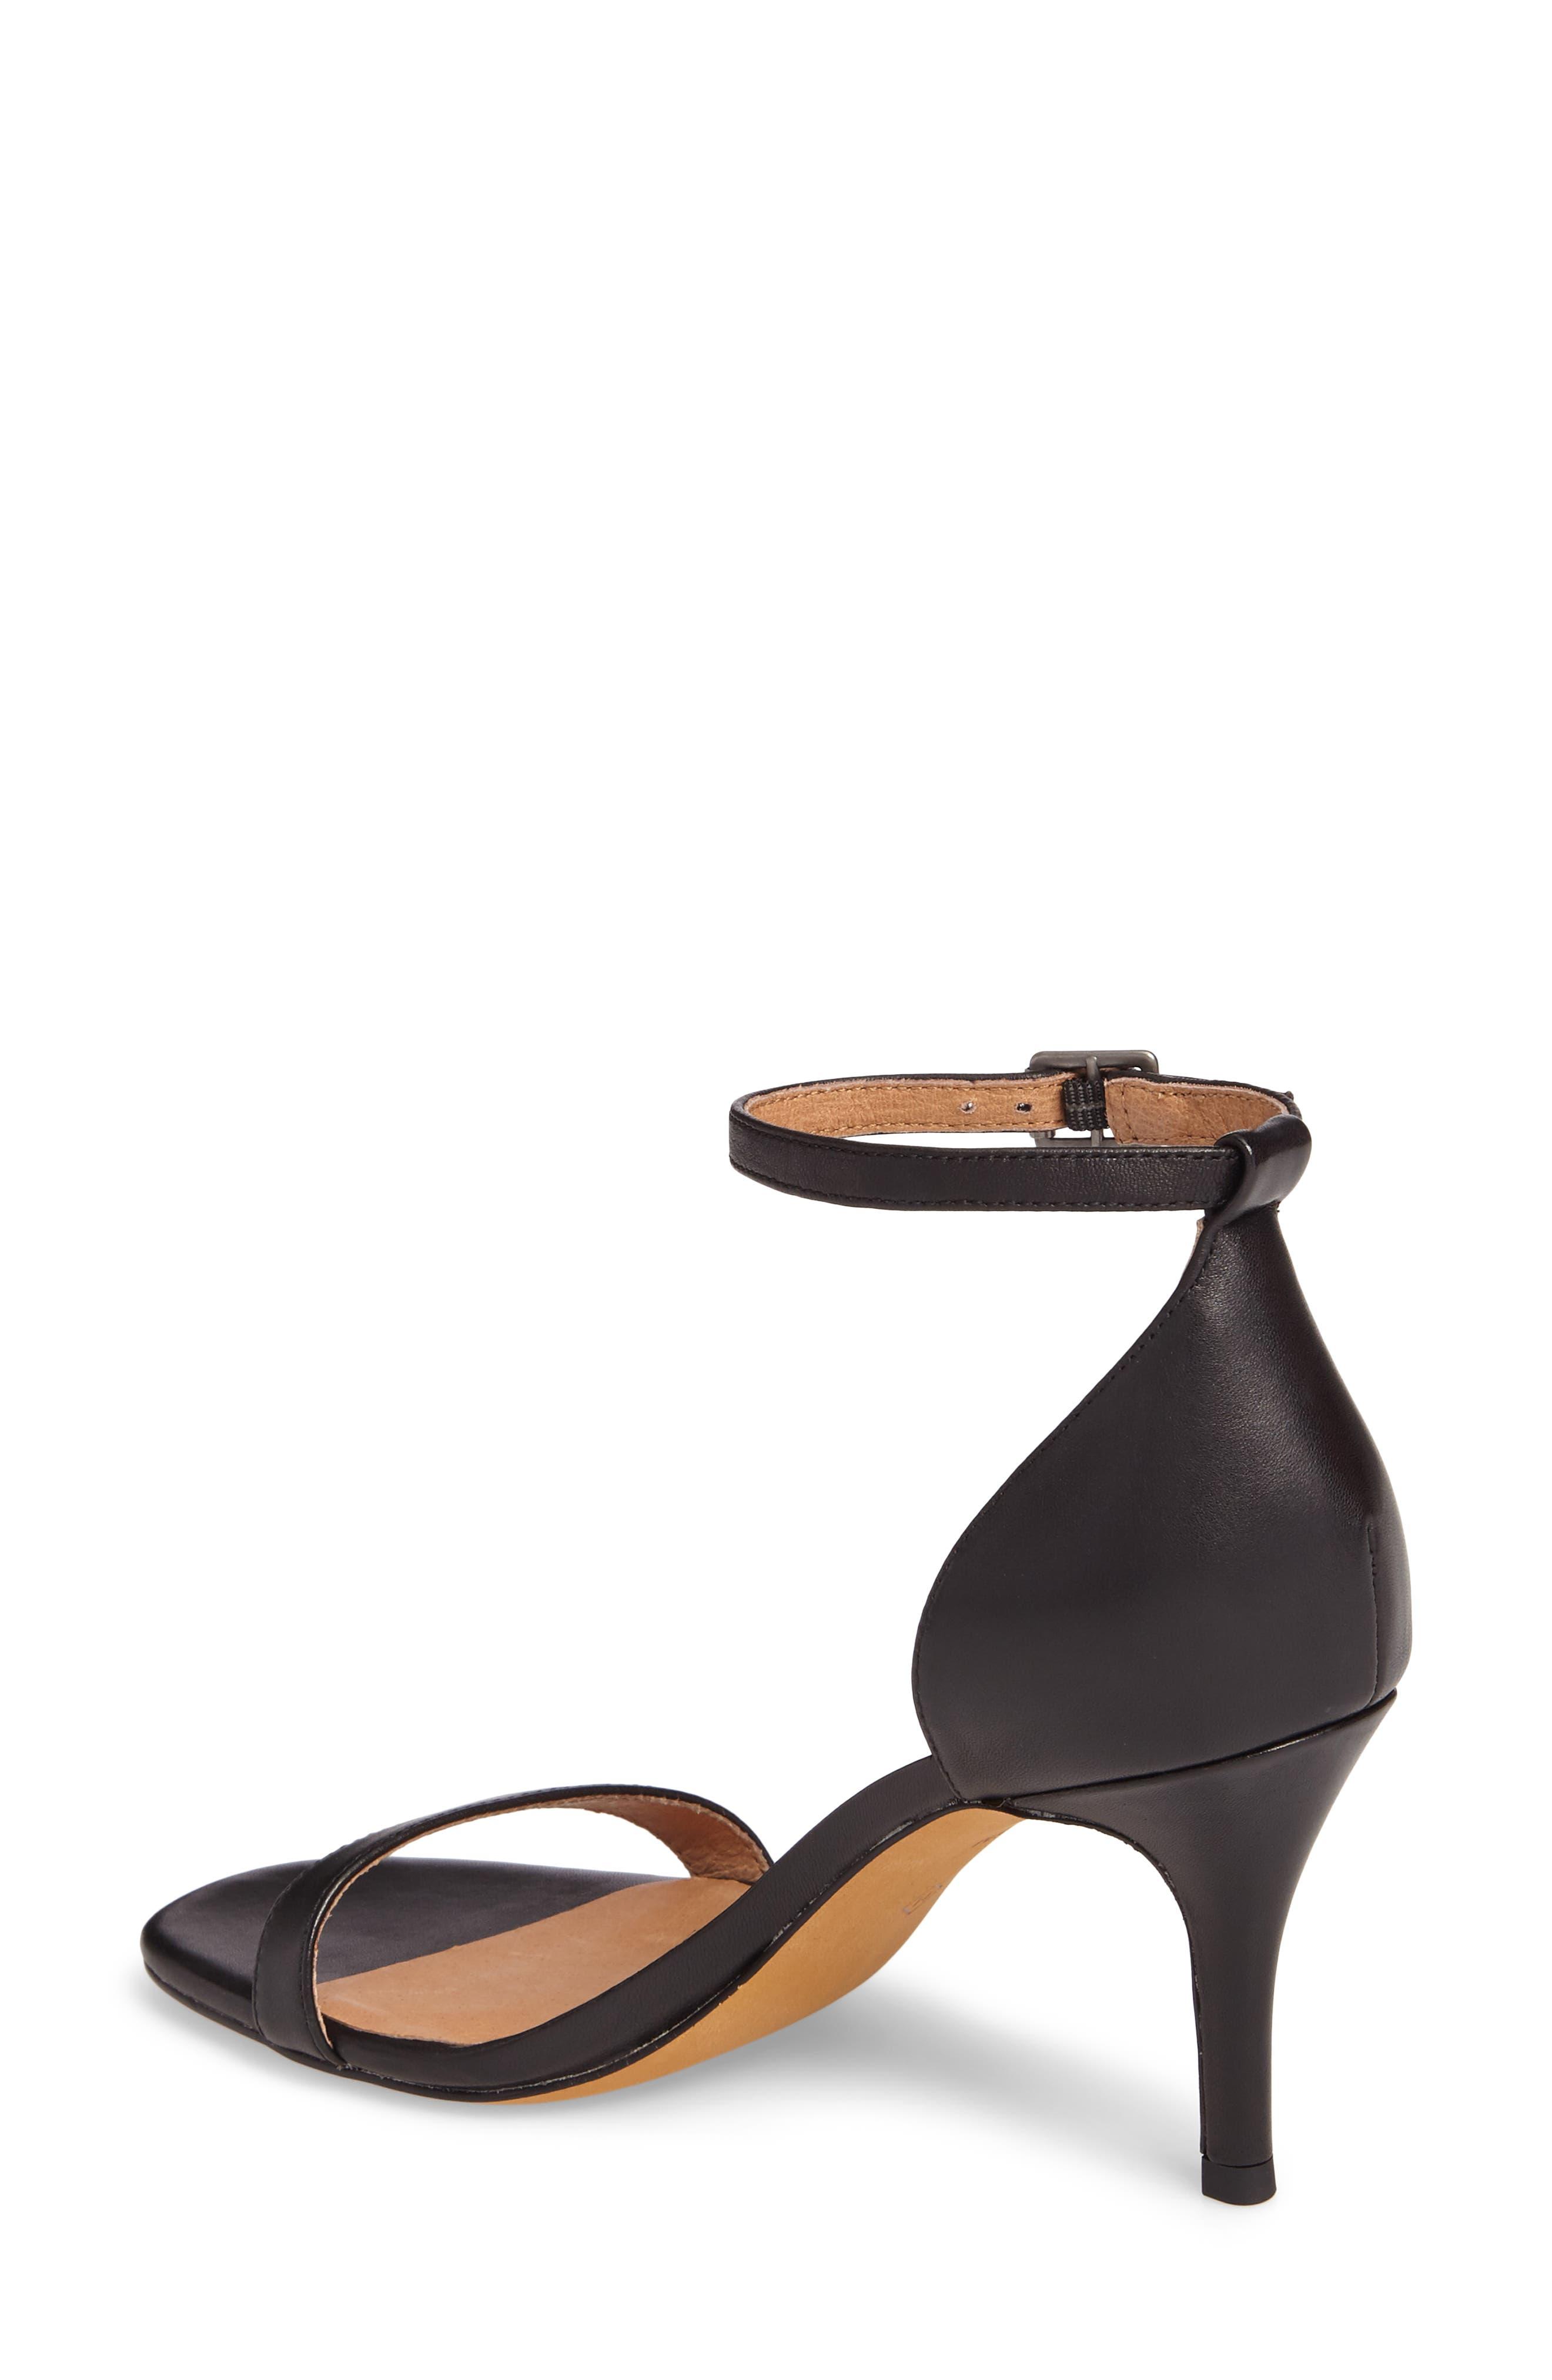 Audrey Ankle Strap Sandal,                             Alternate thumbnail 26, color,